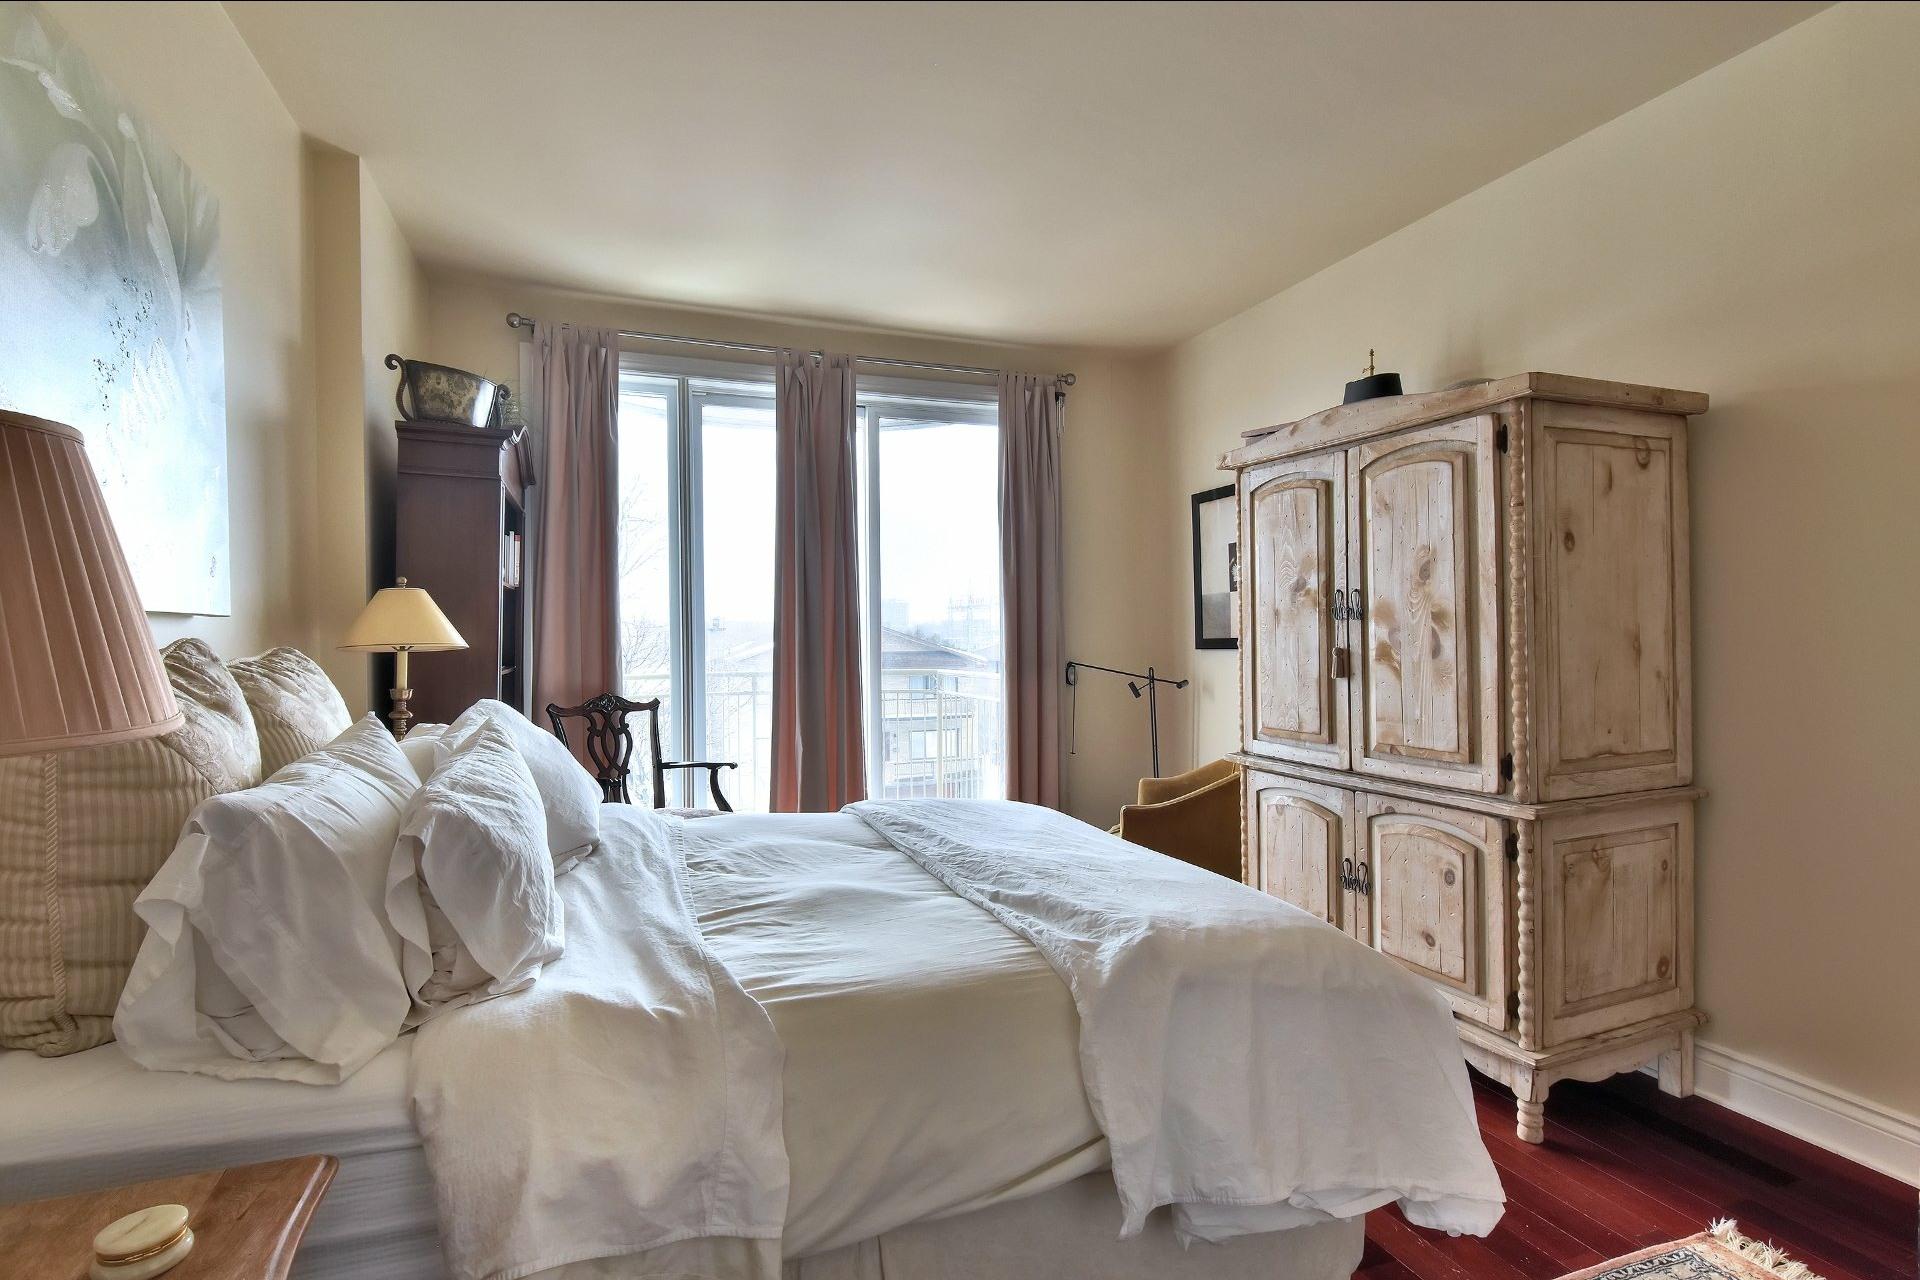 image 23 - Apartment For sale Côte-Saint-Luc - 5 rooms